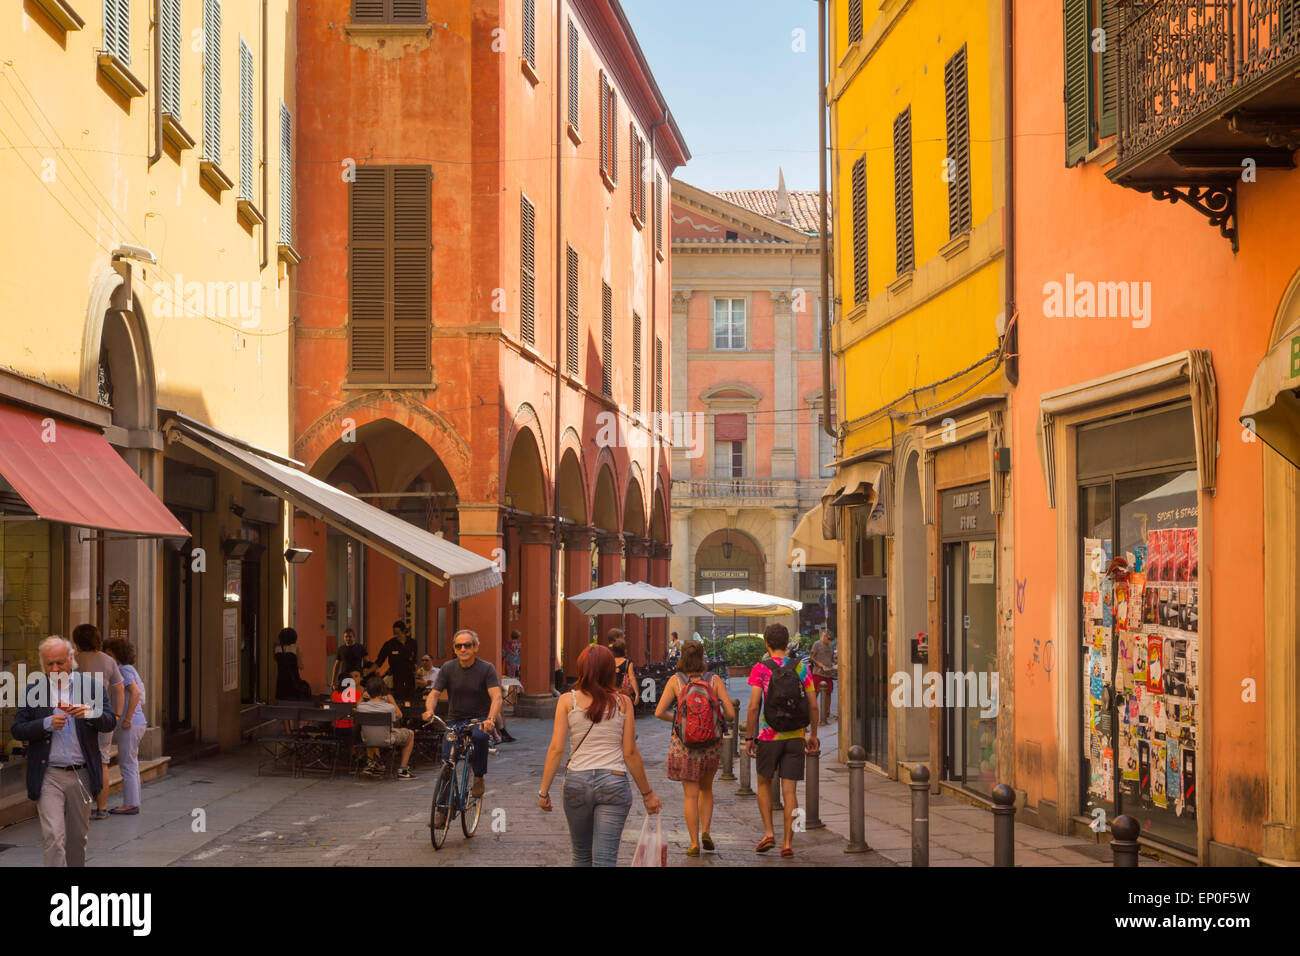 Bologna, Emilia Romagna, Italia. Scena in Via Zamboni, una tipica strada del centro storico. Immagini Stock